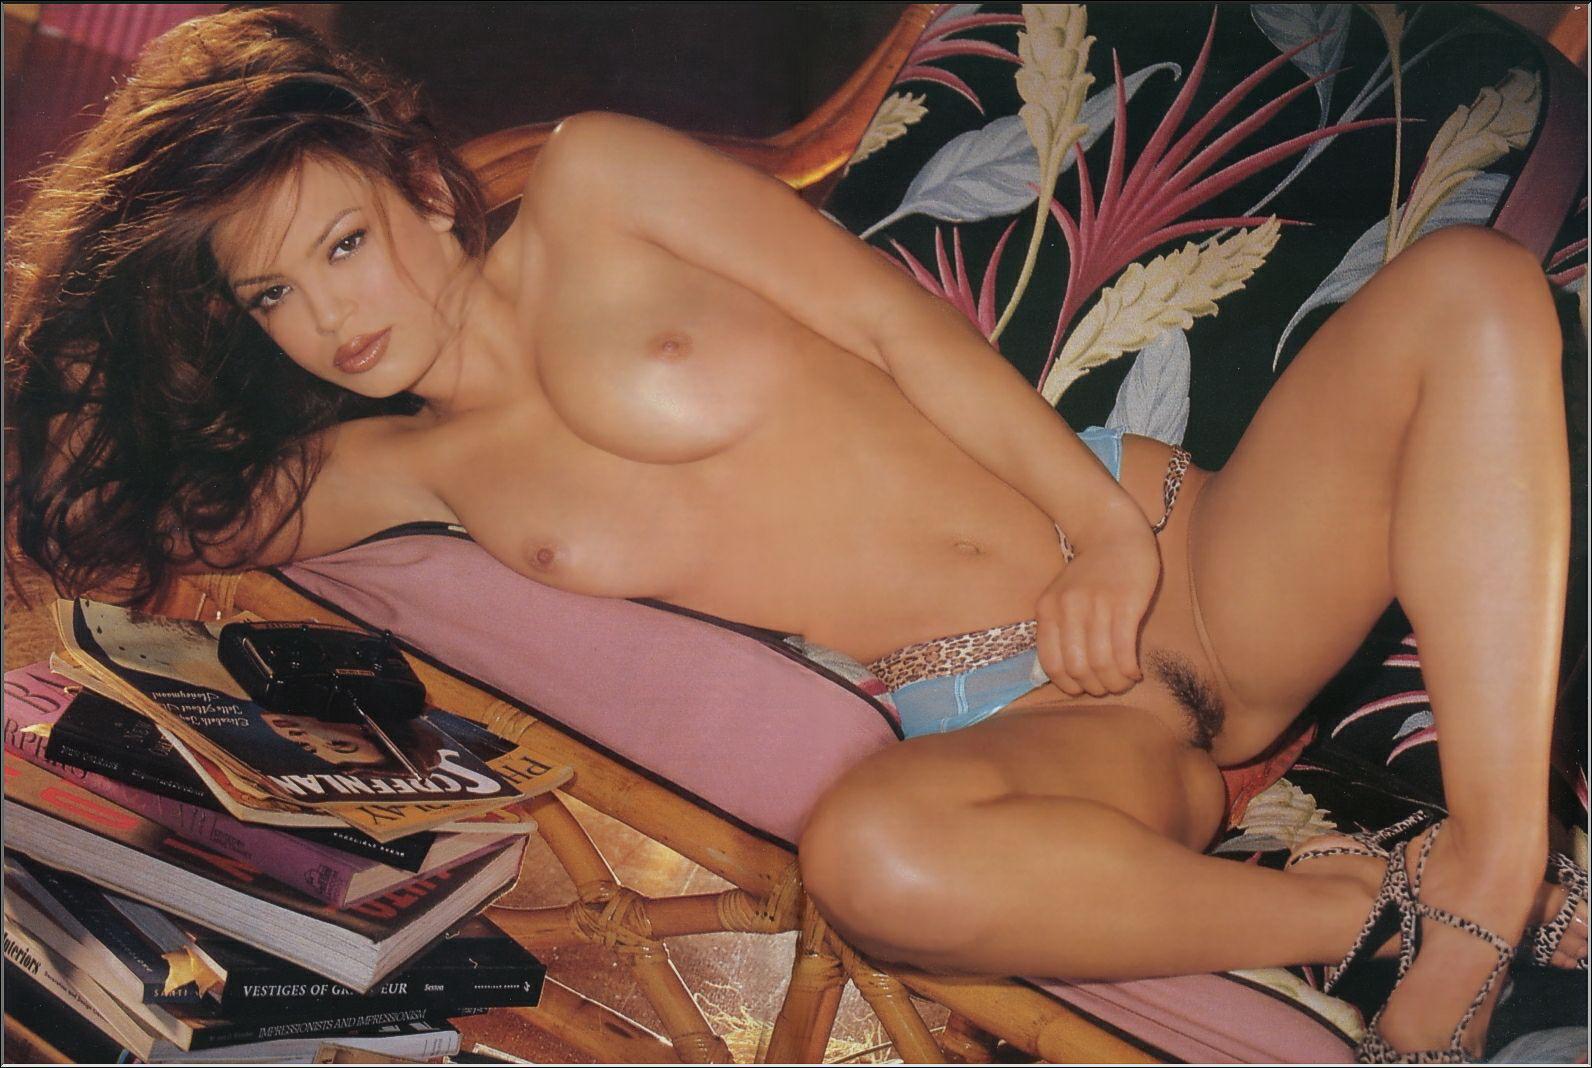 Смотреть онлайн красивую эротику 90 х 3 фотография